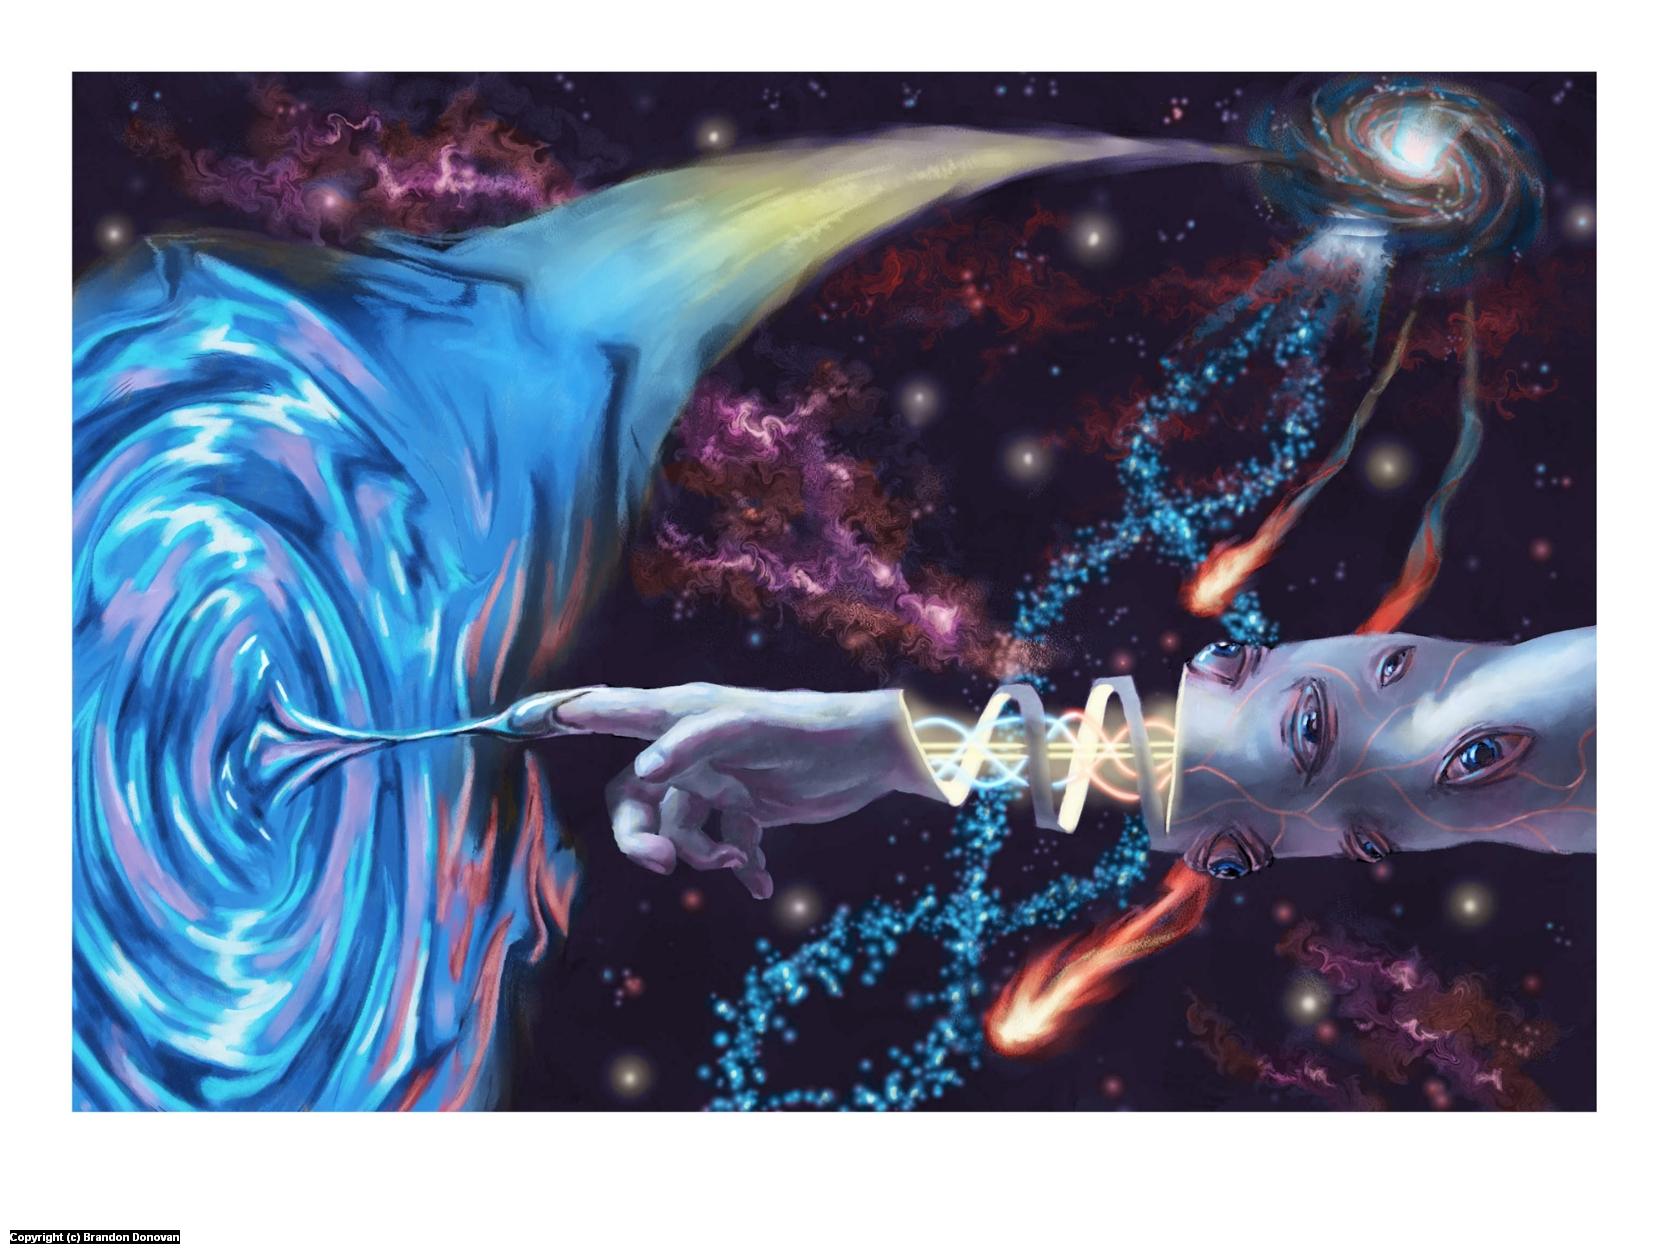 Lateralus Artwork by Brandon Donovan